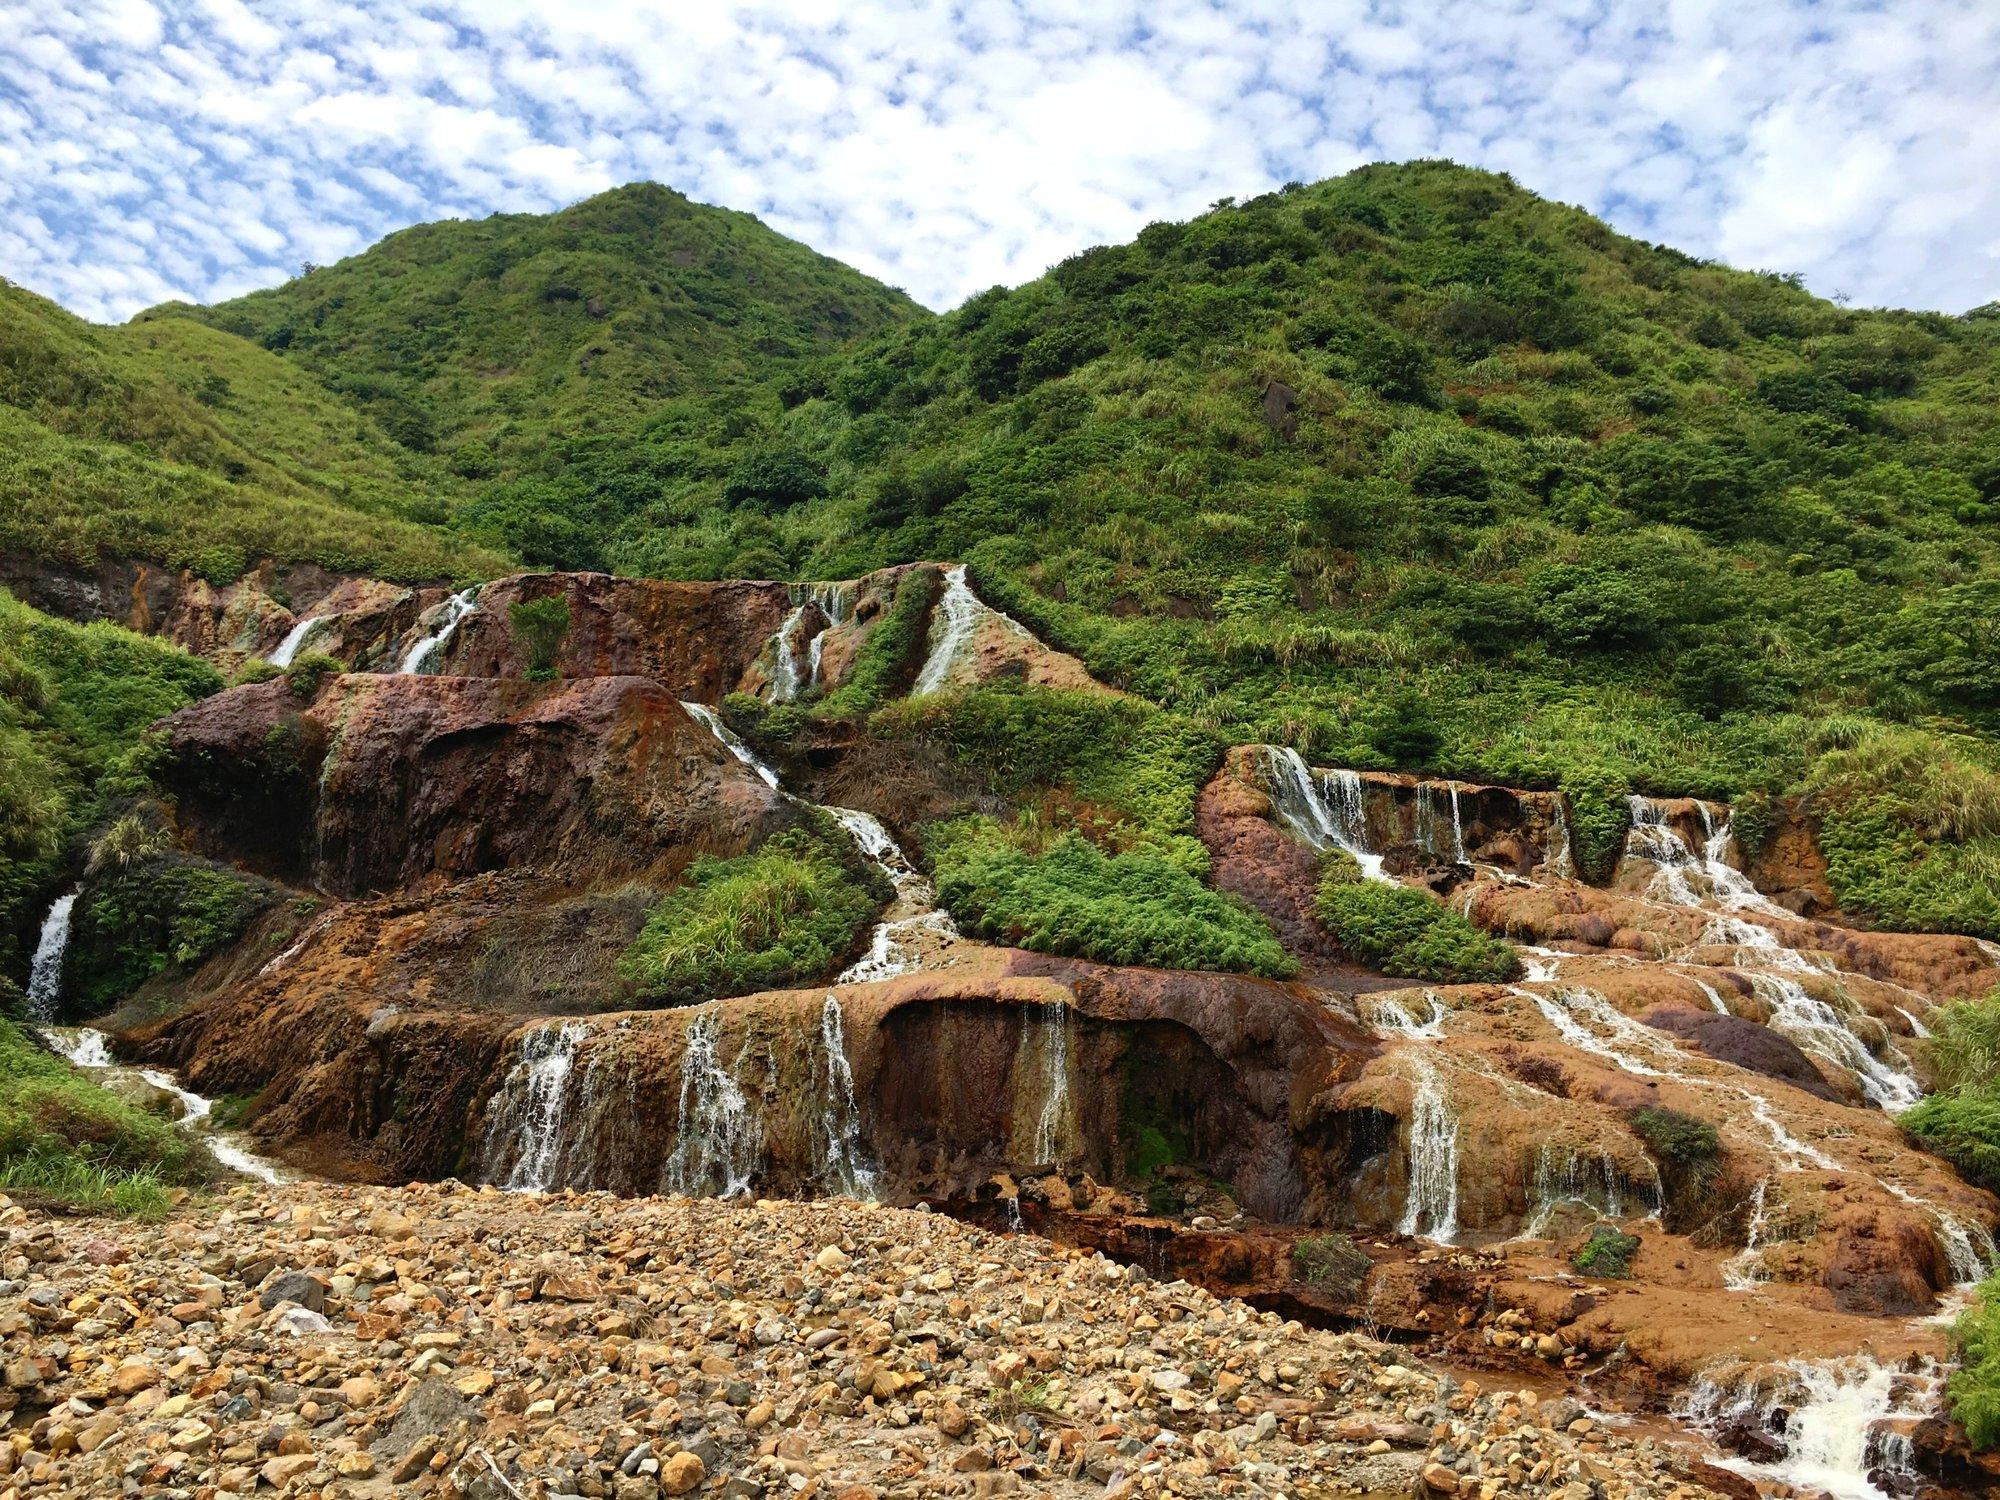 Golden Waterfall – opravdová pastva pro oči